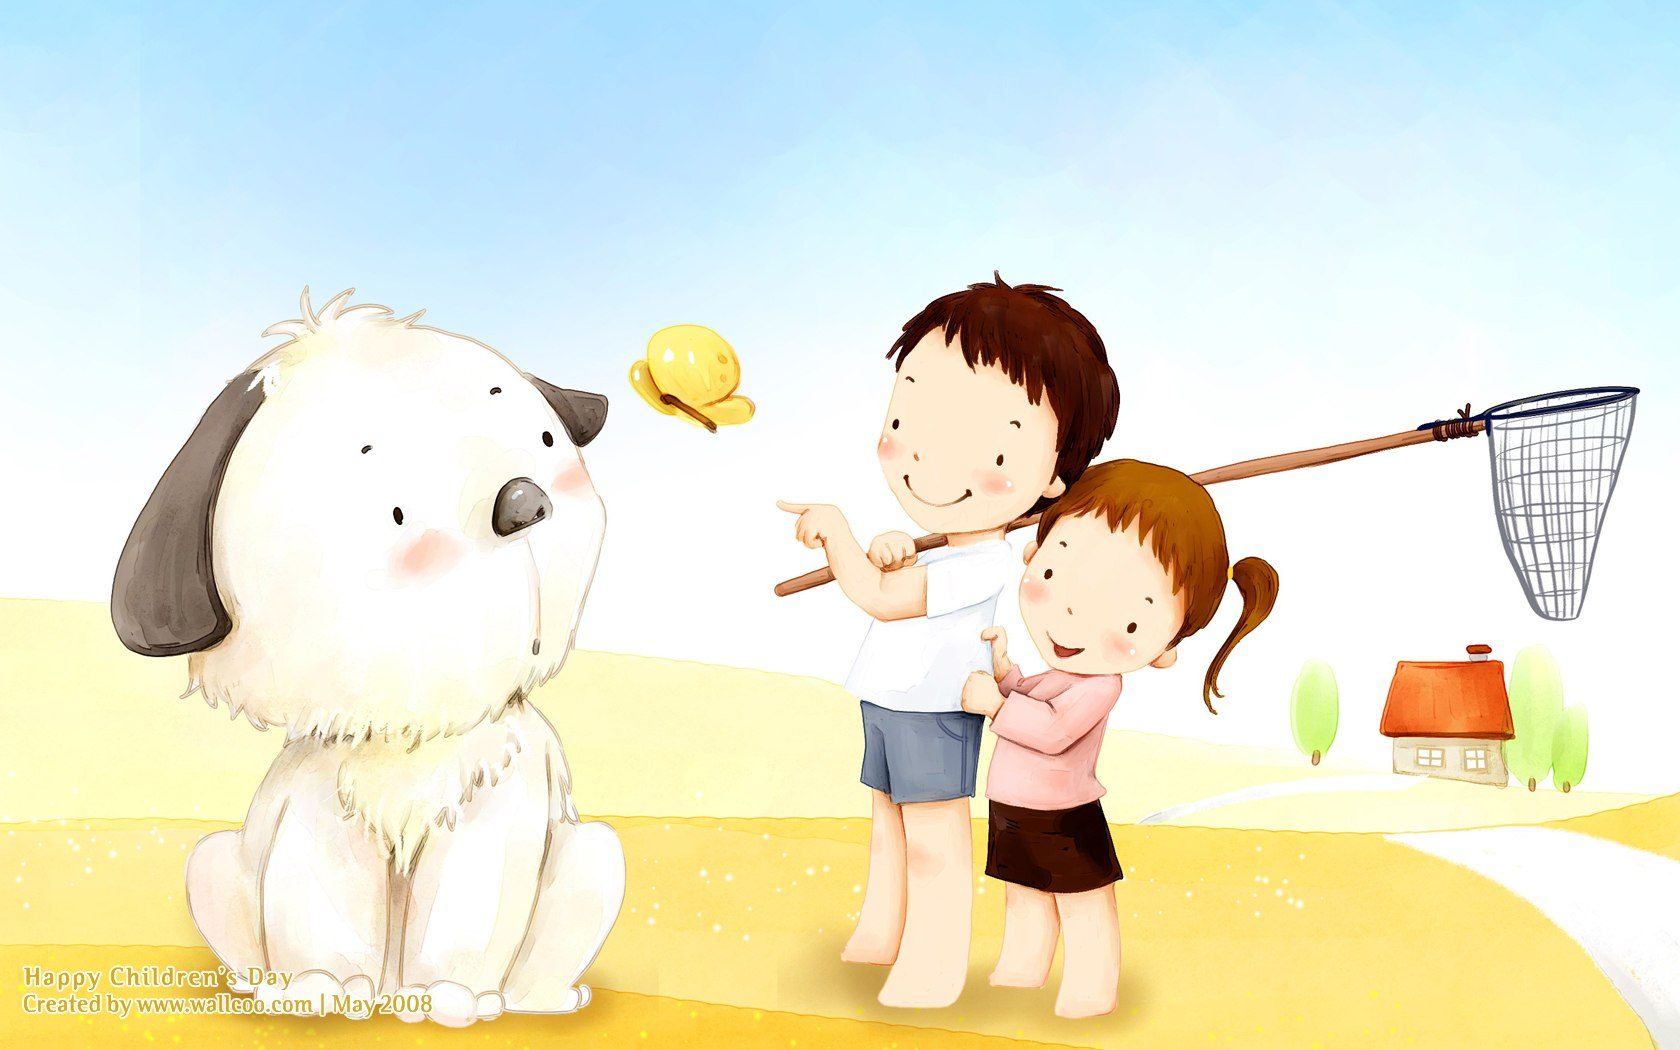 韩国儿童卡通插画桌面壁纸; 儿童节 - 可爱儿童插画壁纸 -; 获得韩国